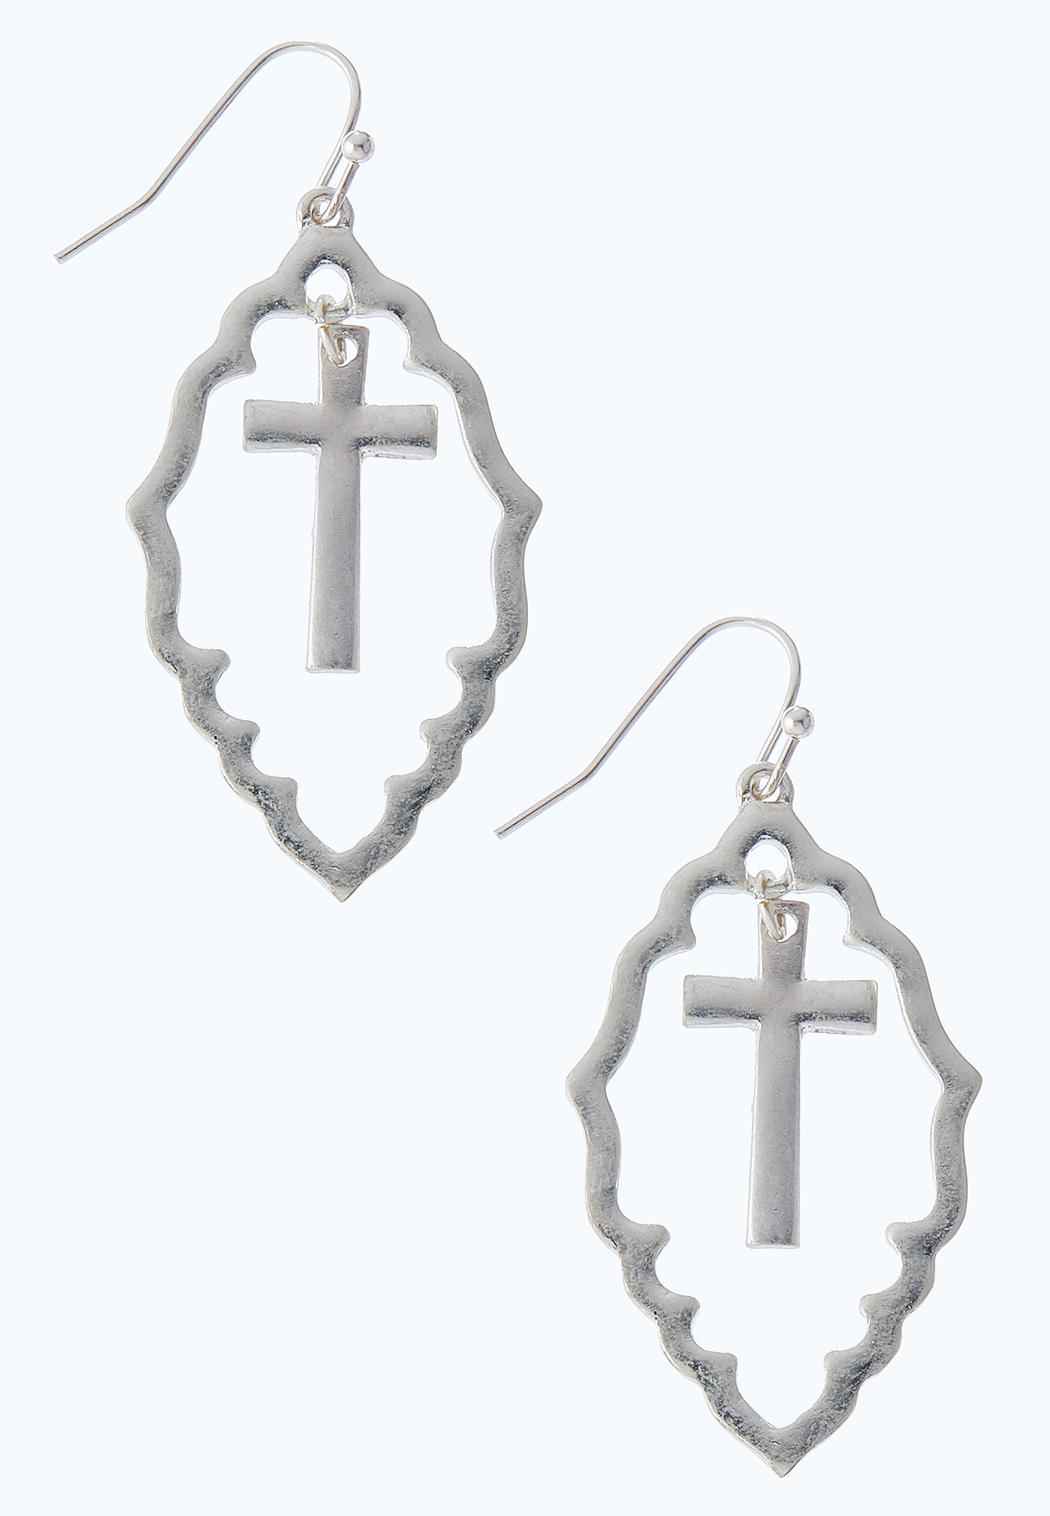 Moroccan Silver Cross Earrings